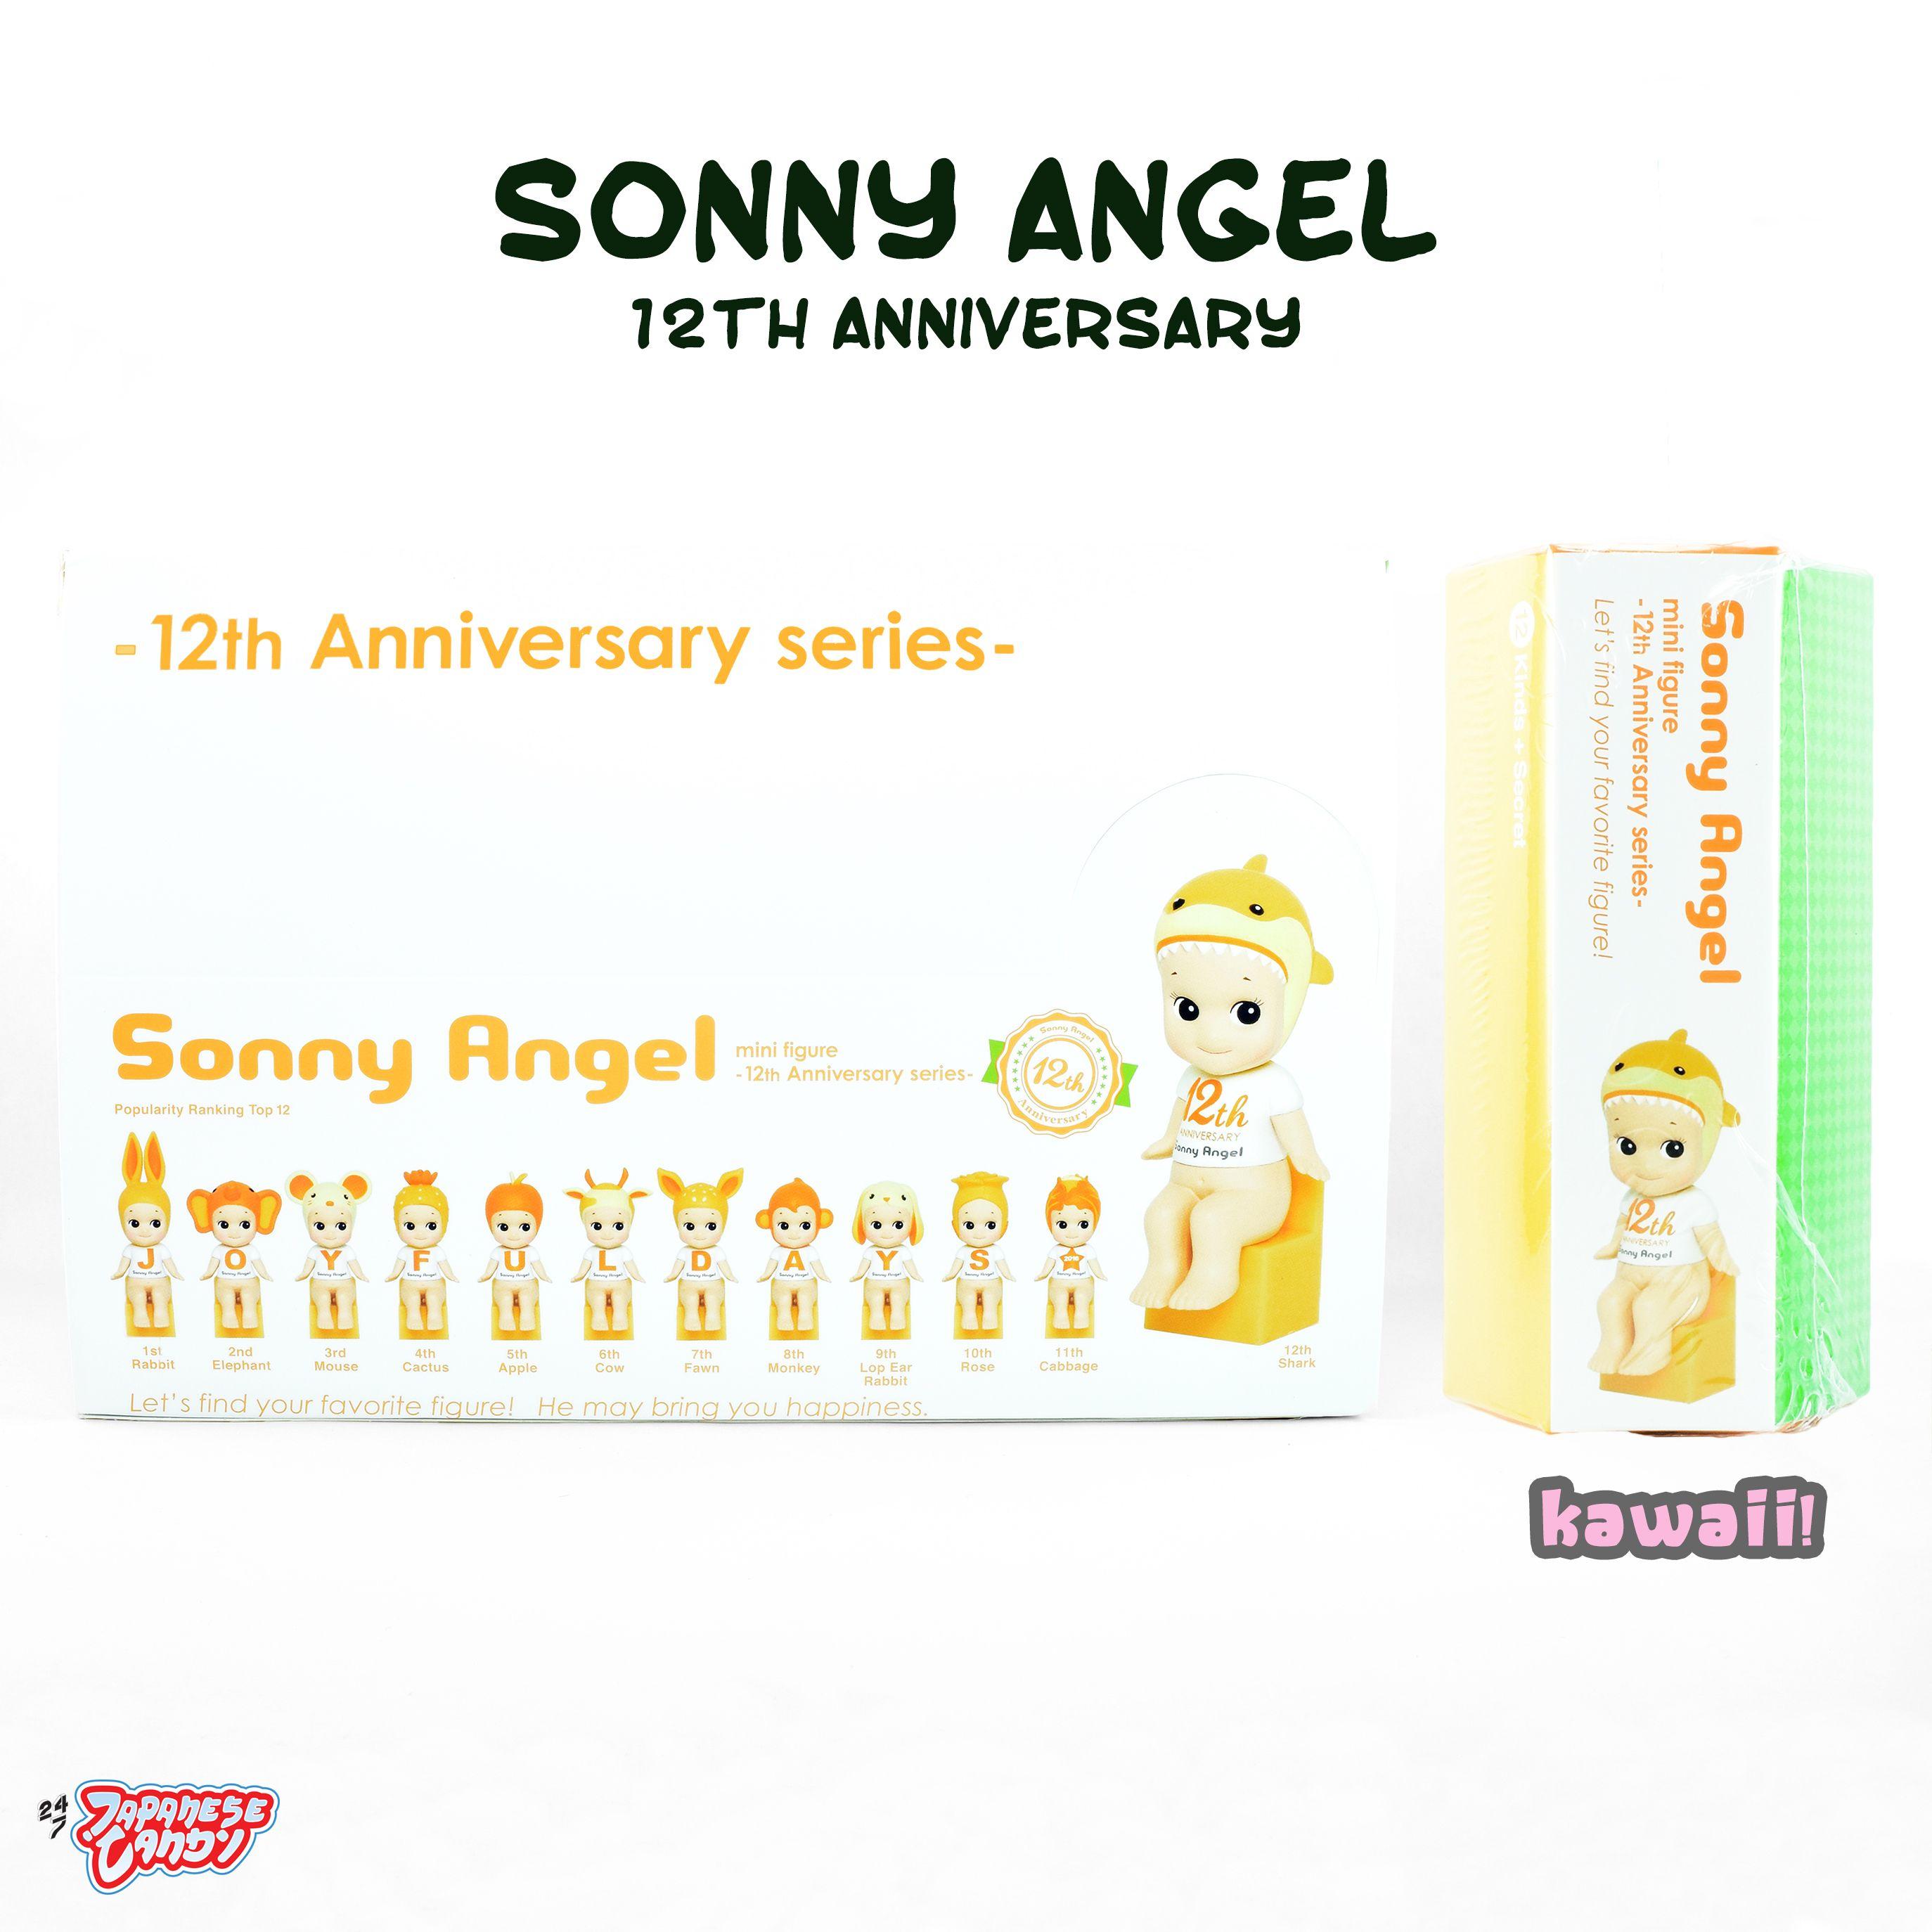 sonny angel 12th anniversary pinterest sonny angel